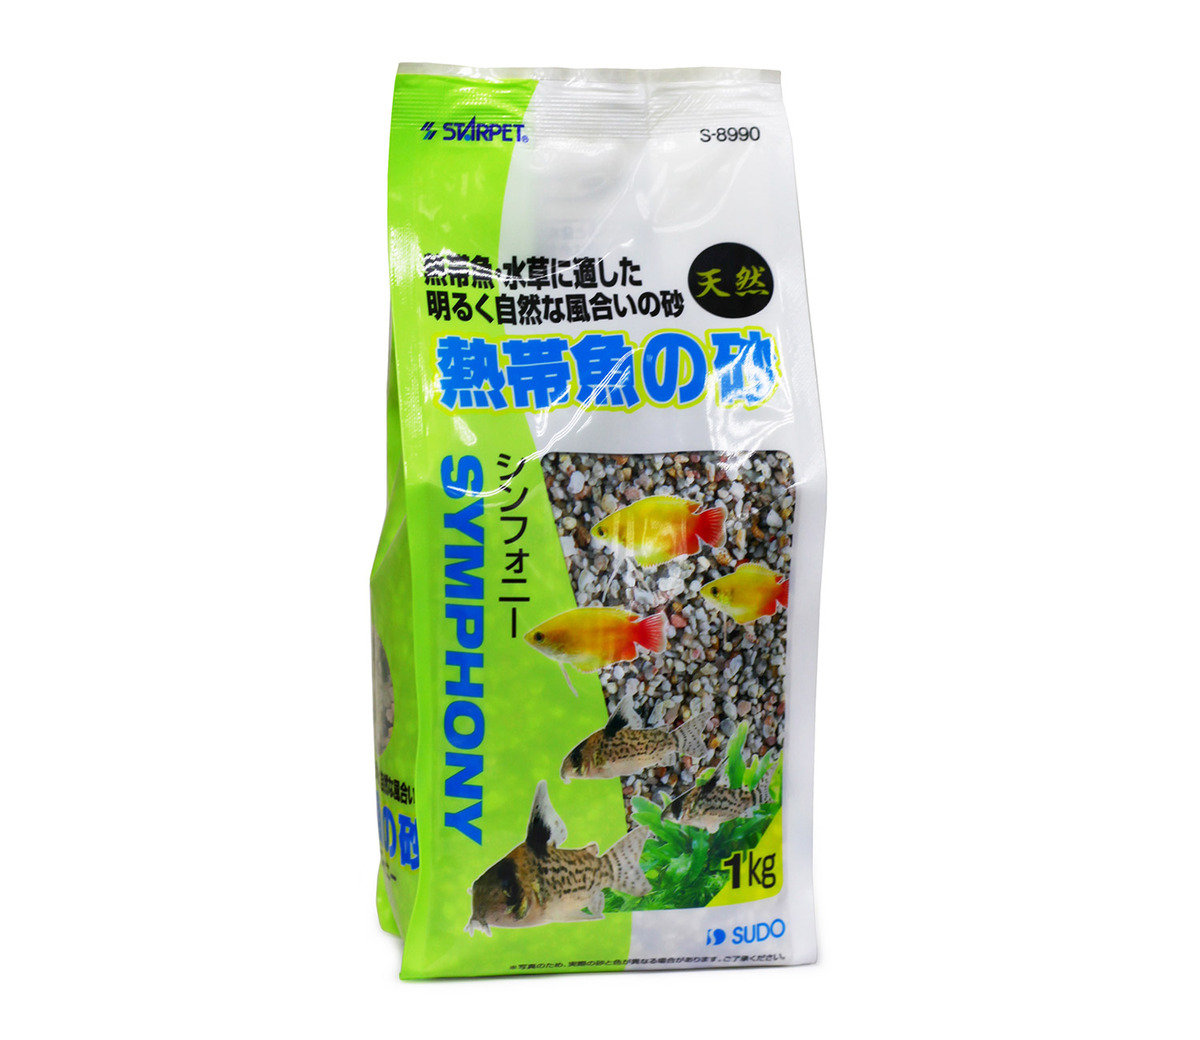 シソフォニ 熱帶魚專用砂(1公斤)